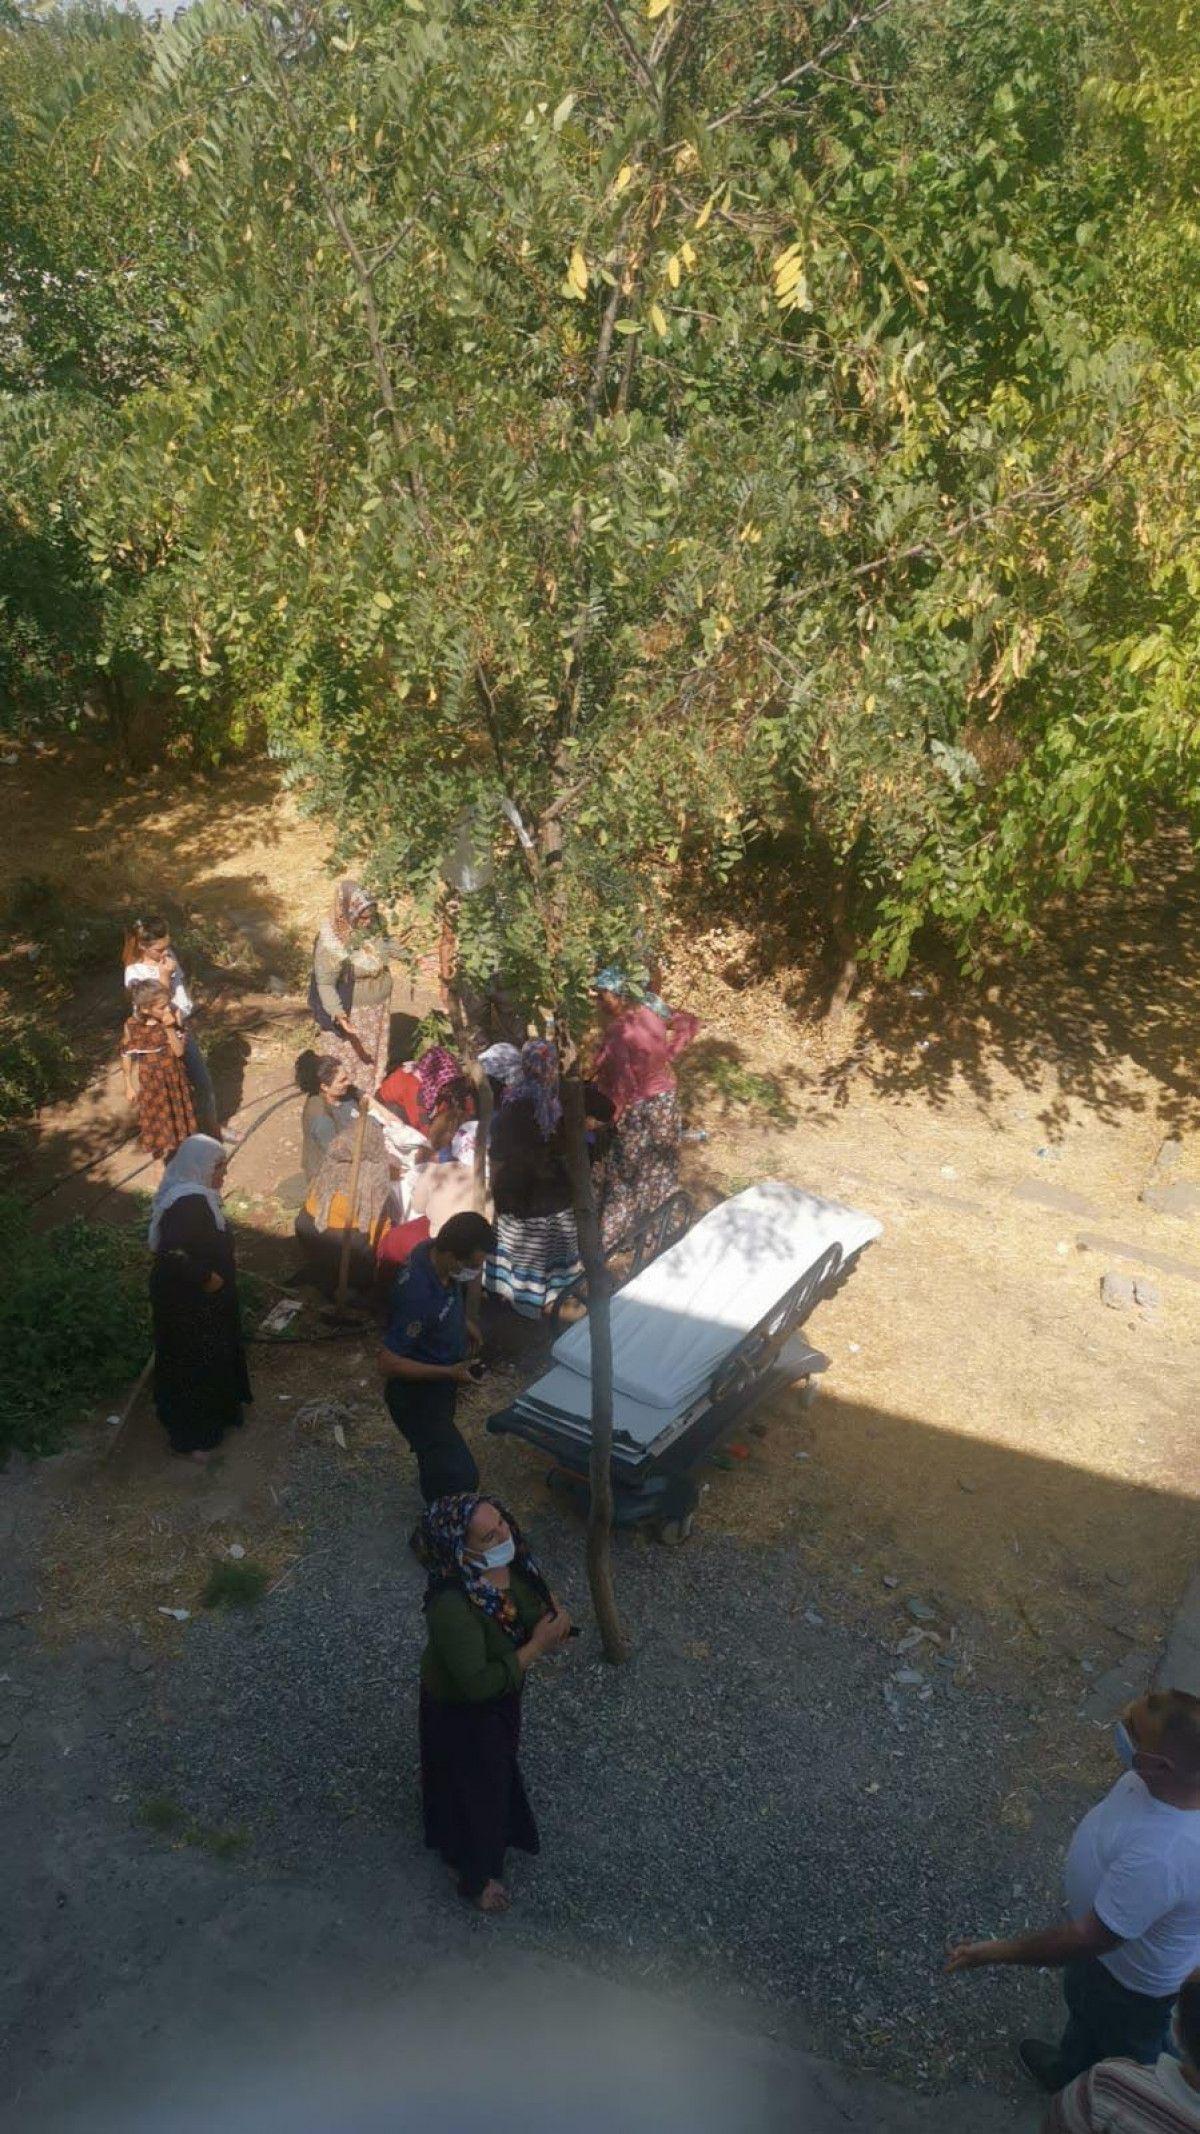 Diyarbakır da akıma kapılan hastayı, yakınları hastane bahçesine gömmek istedi #10